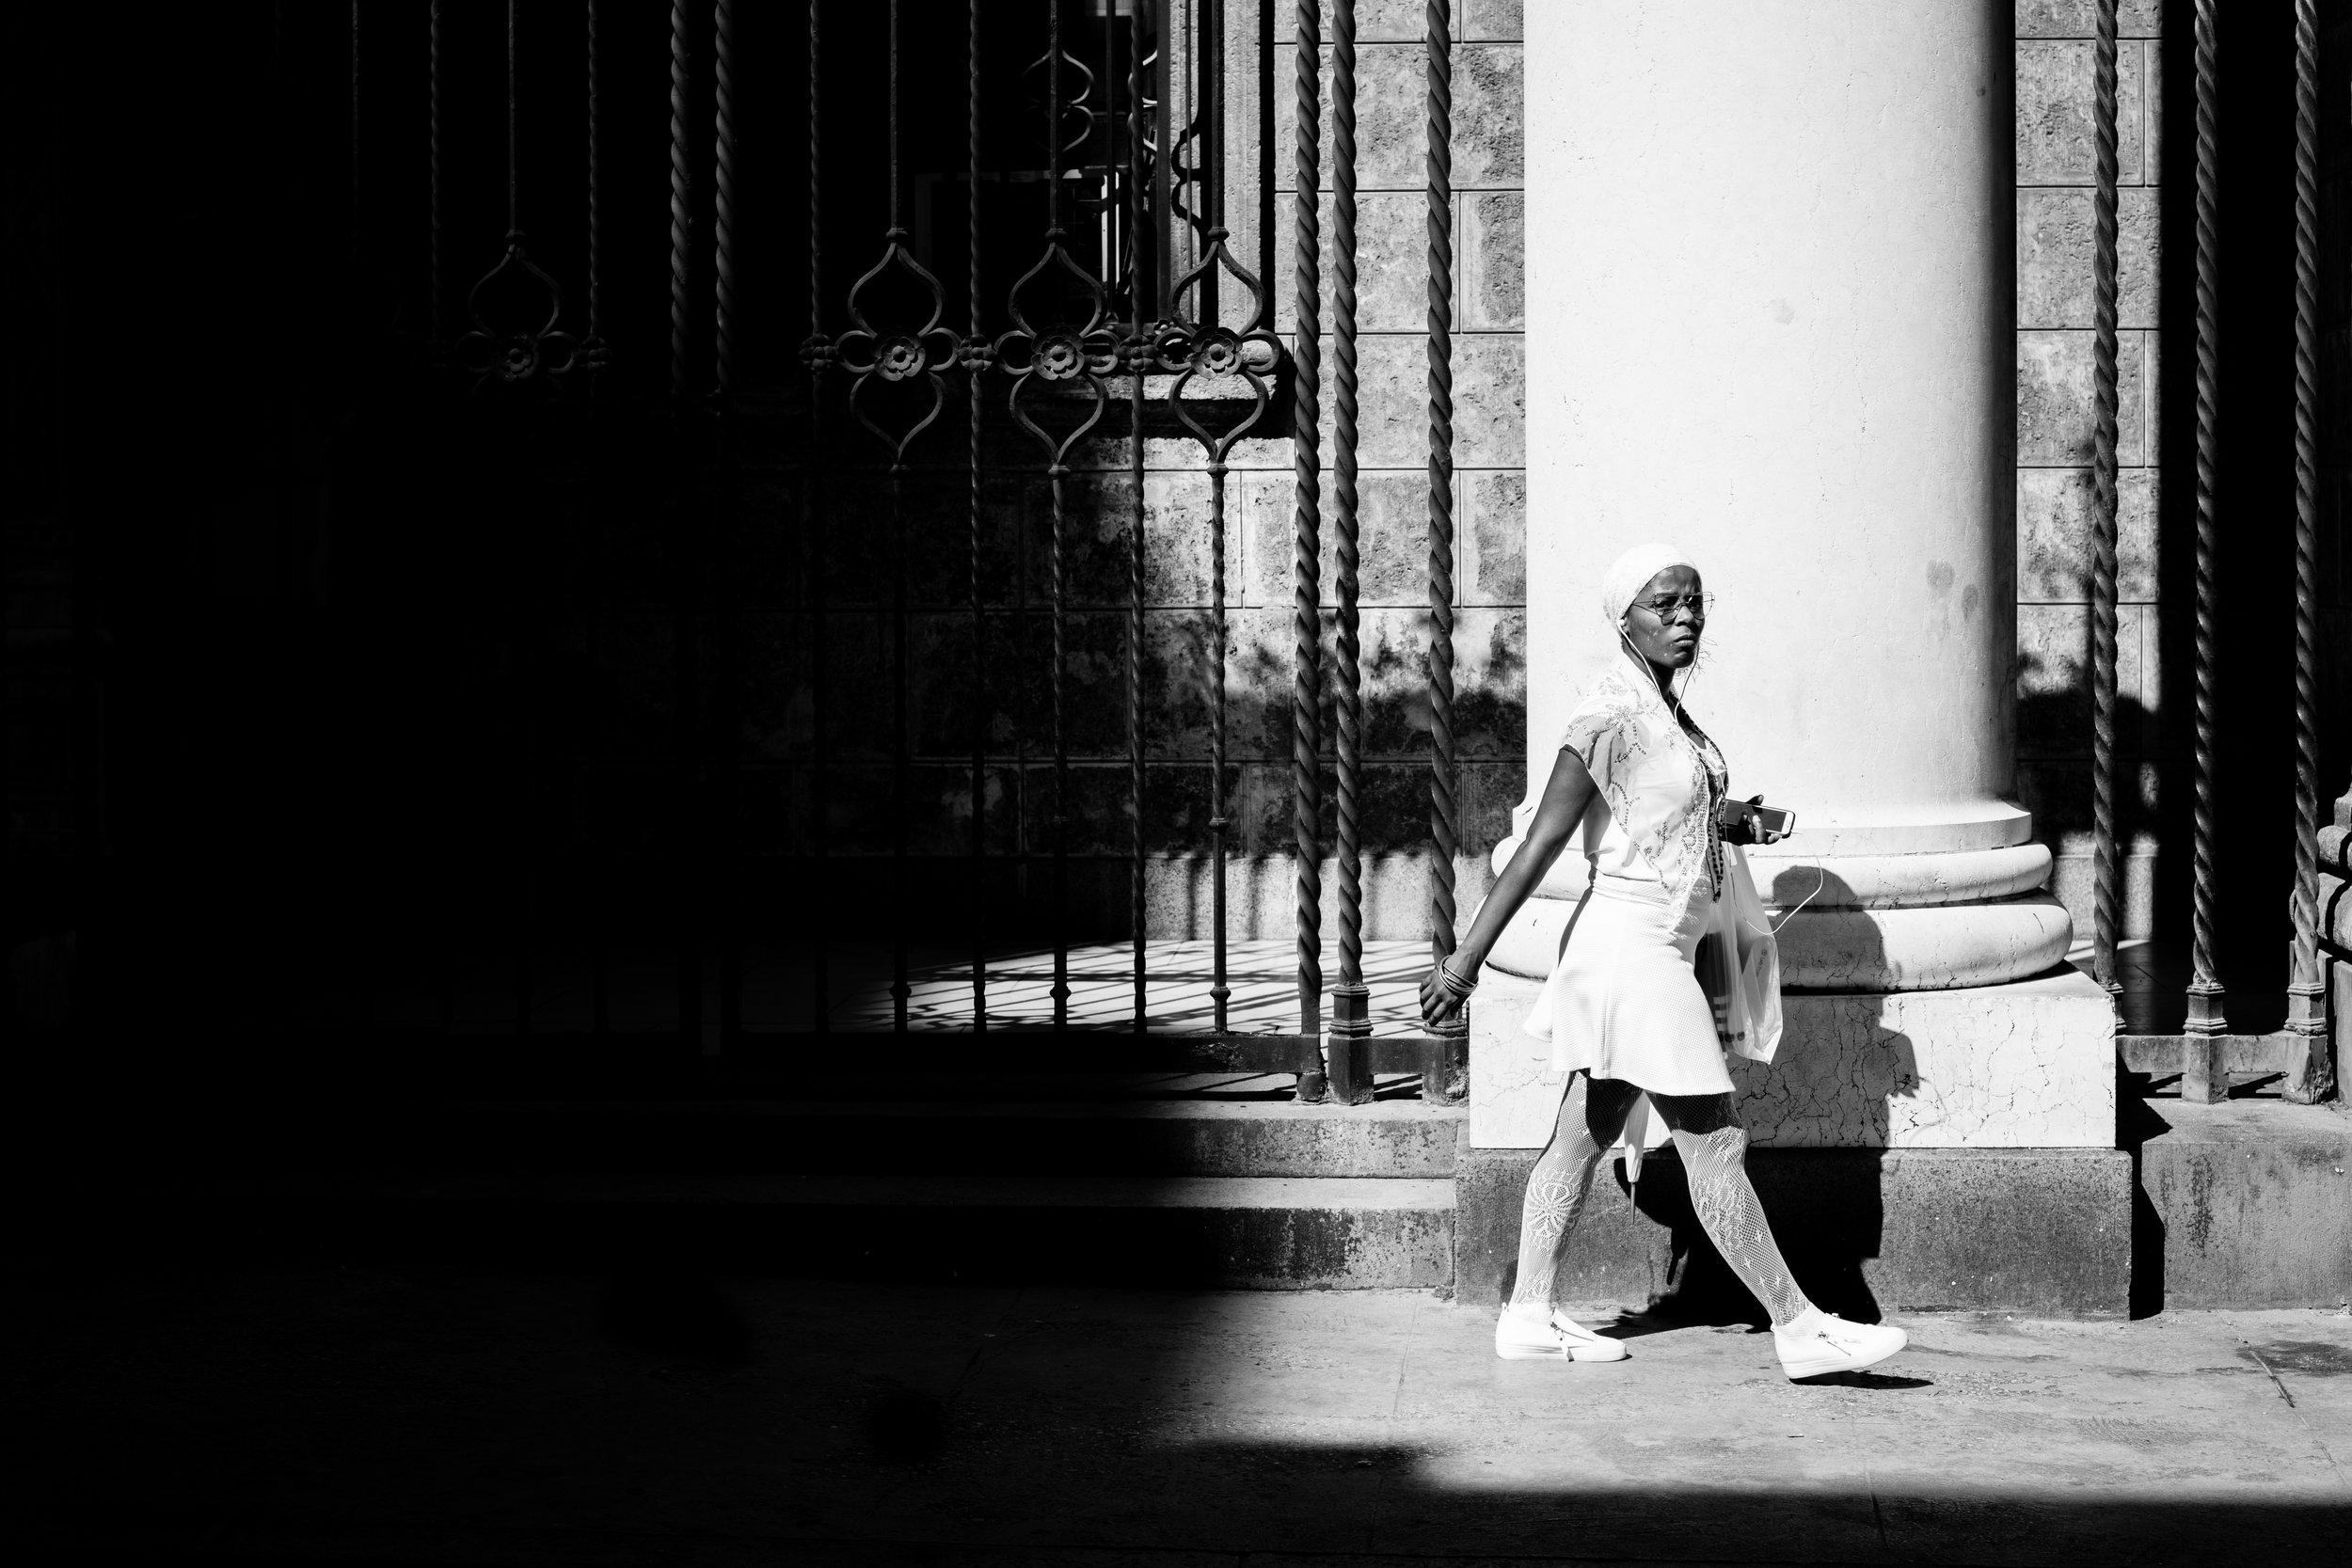 BW_Havana.jpg